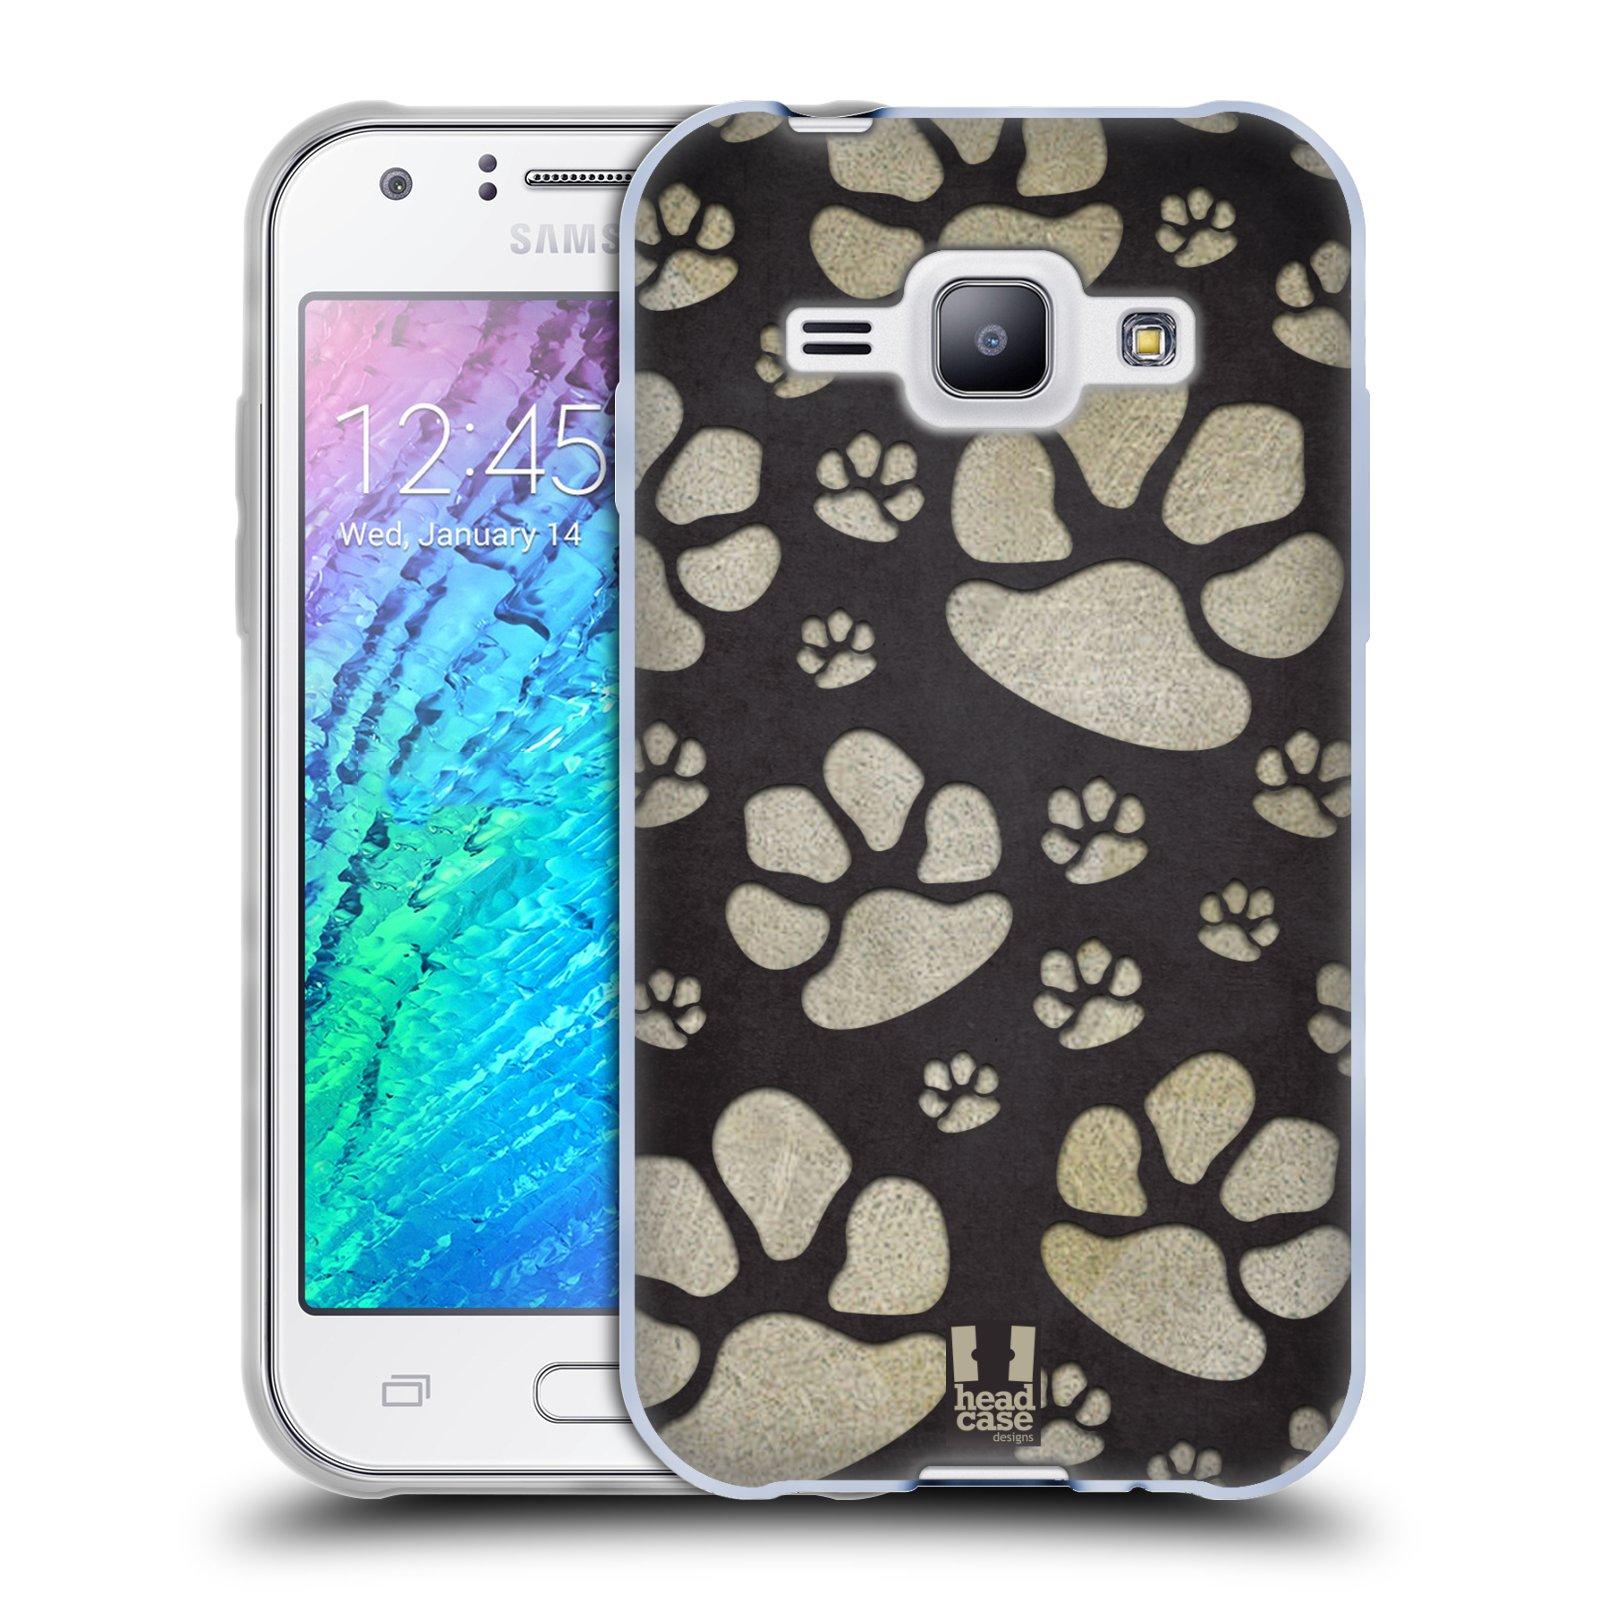 Silikonové pouzdro na mobil Samsung Galaxy J1 HEAD CASE TLAPKY ŠEDÉ (Silikonový kryt či obal na mobilní telefon Samsung Galaxy J1 a J1 Duos)